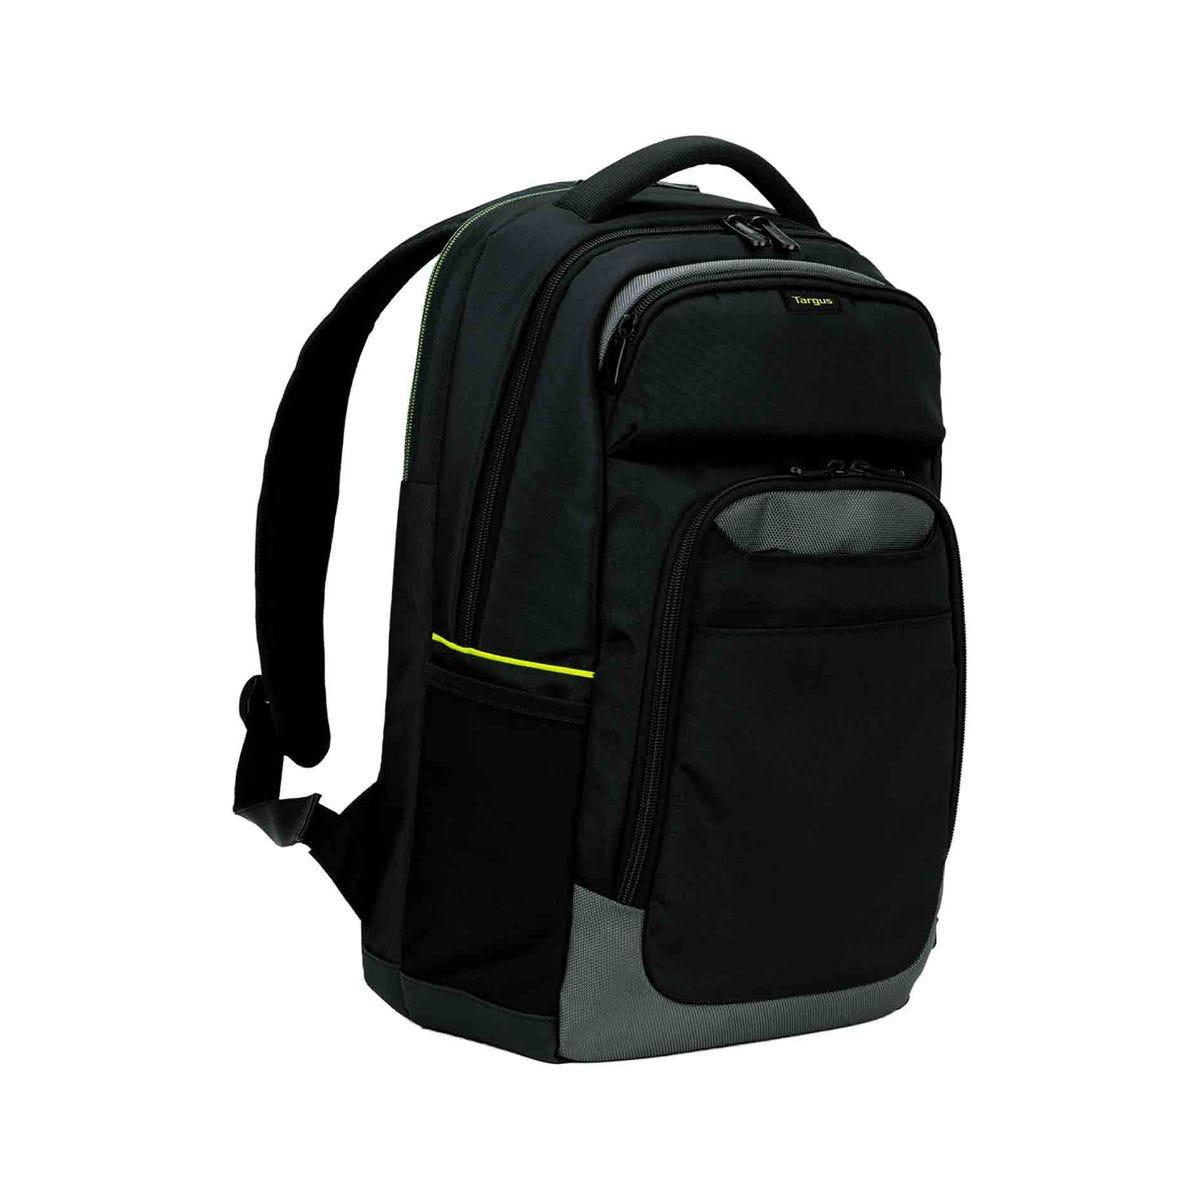 Image of Targus CityGear Laptop Backpack 15.6 Inch Black, Black